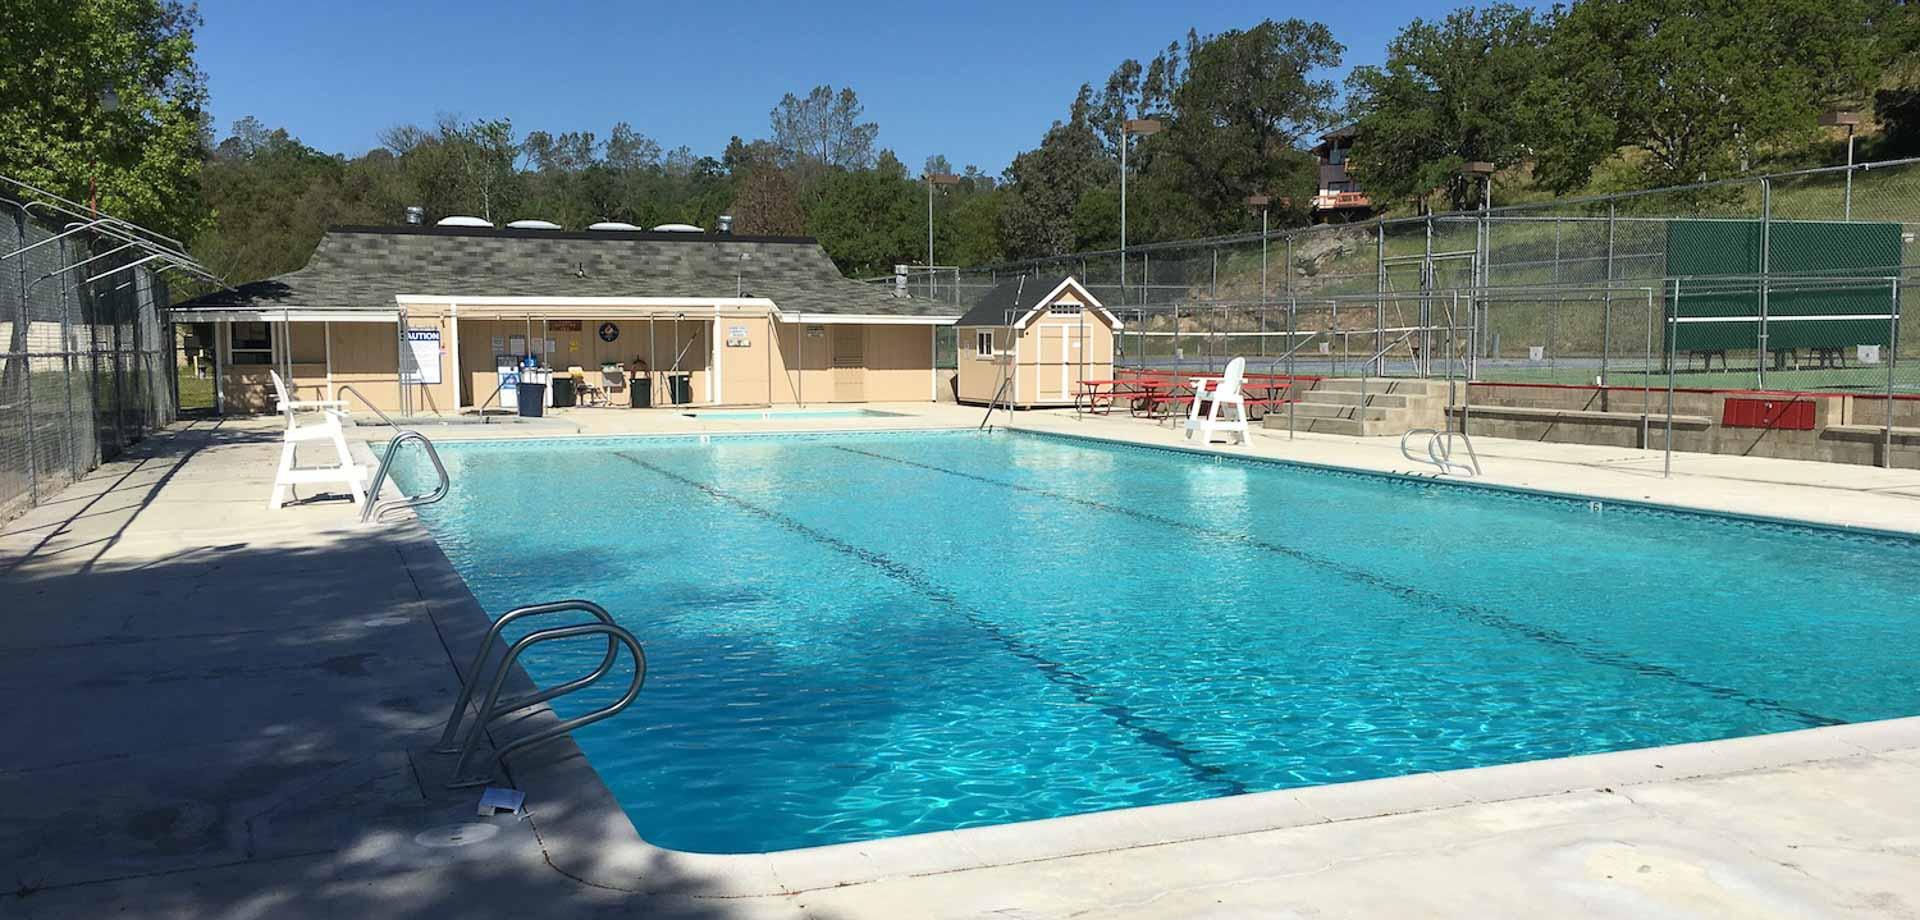 yloa-pool-empty